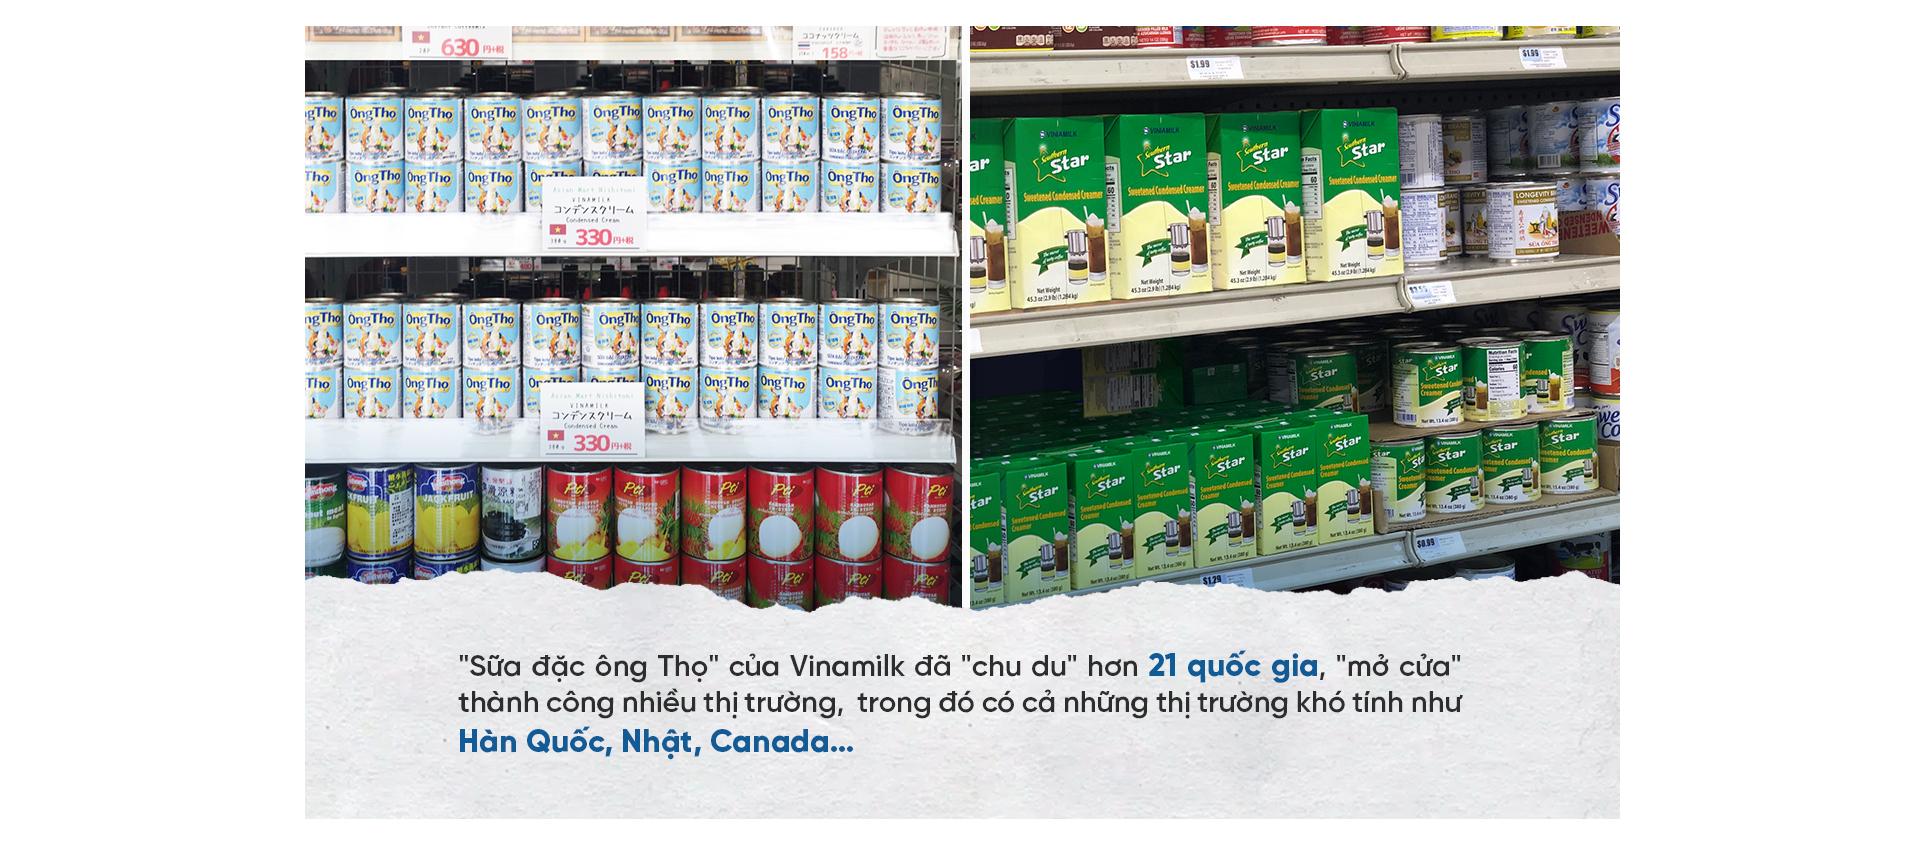 Vinamilk: Dấu son sữa Việt trên đấu trường quốc tế - Ảnh 4.